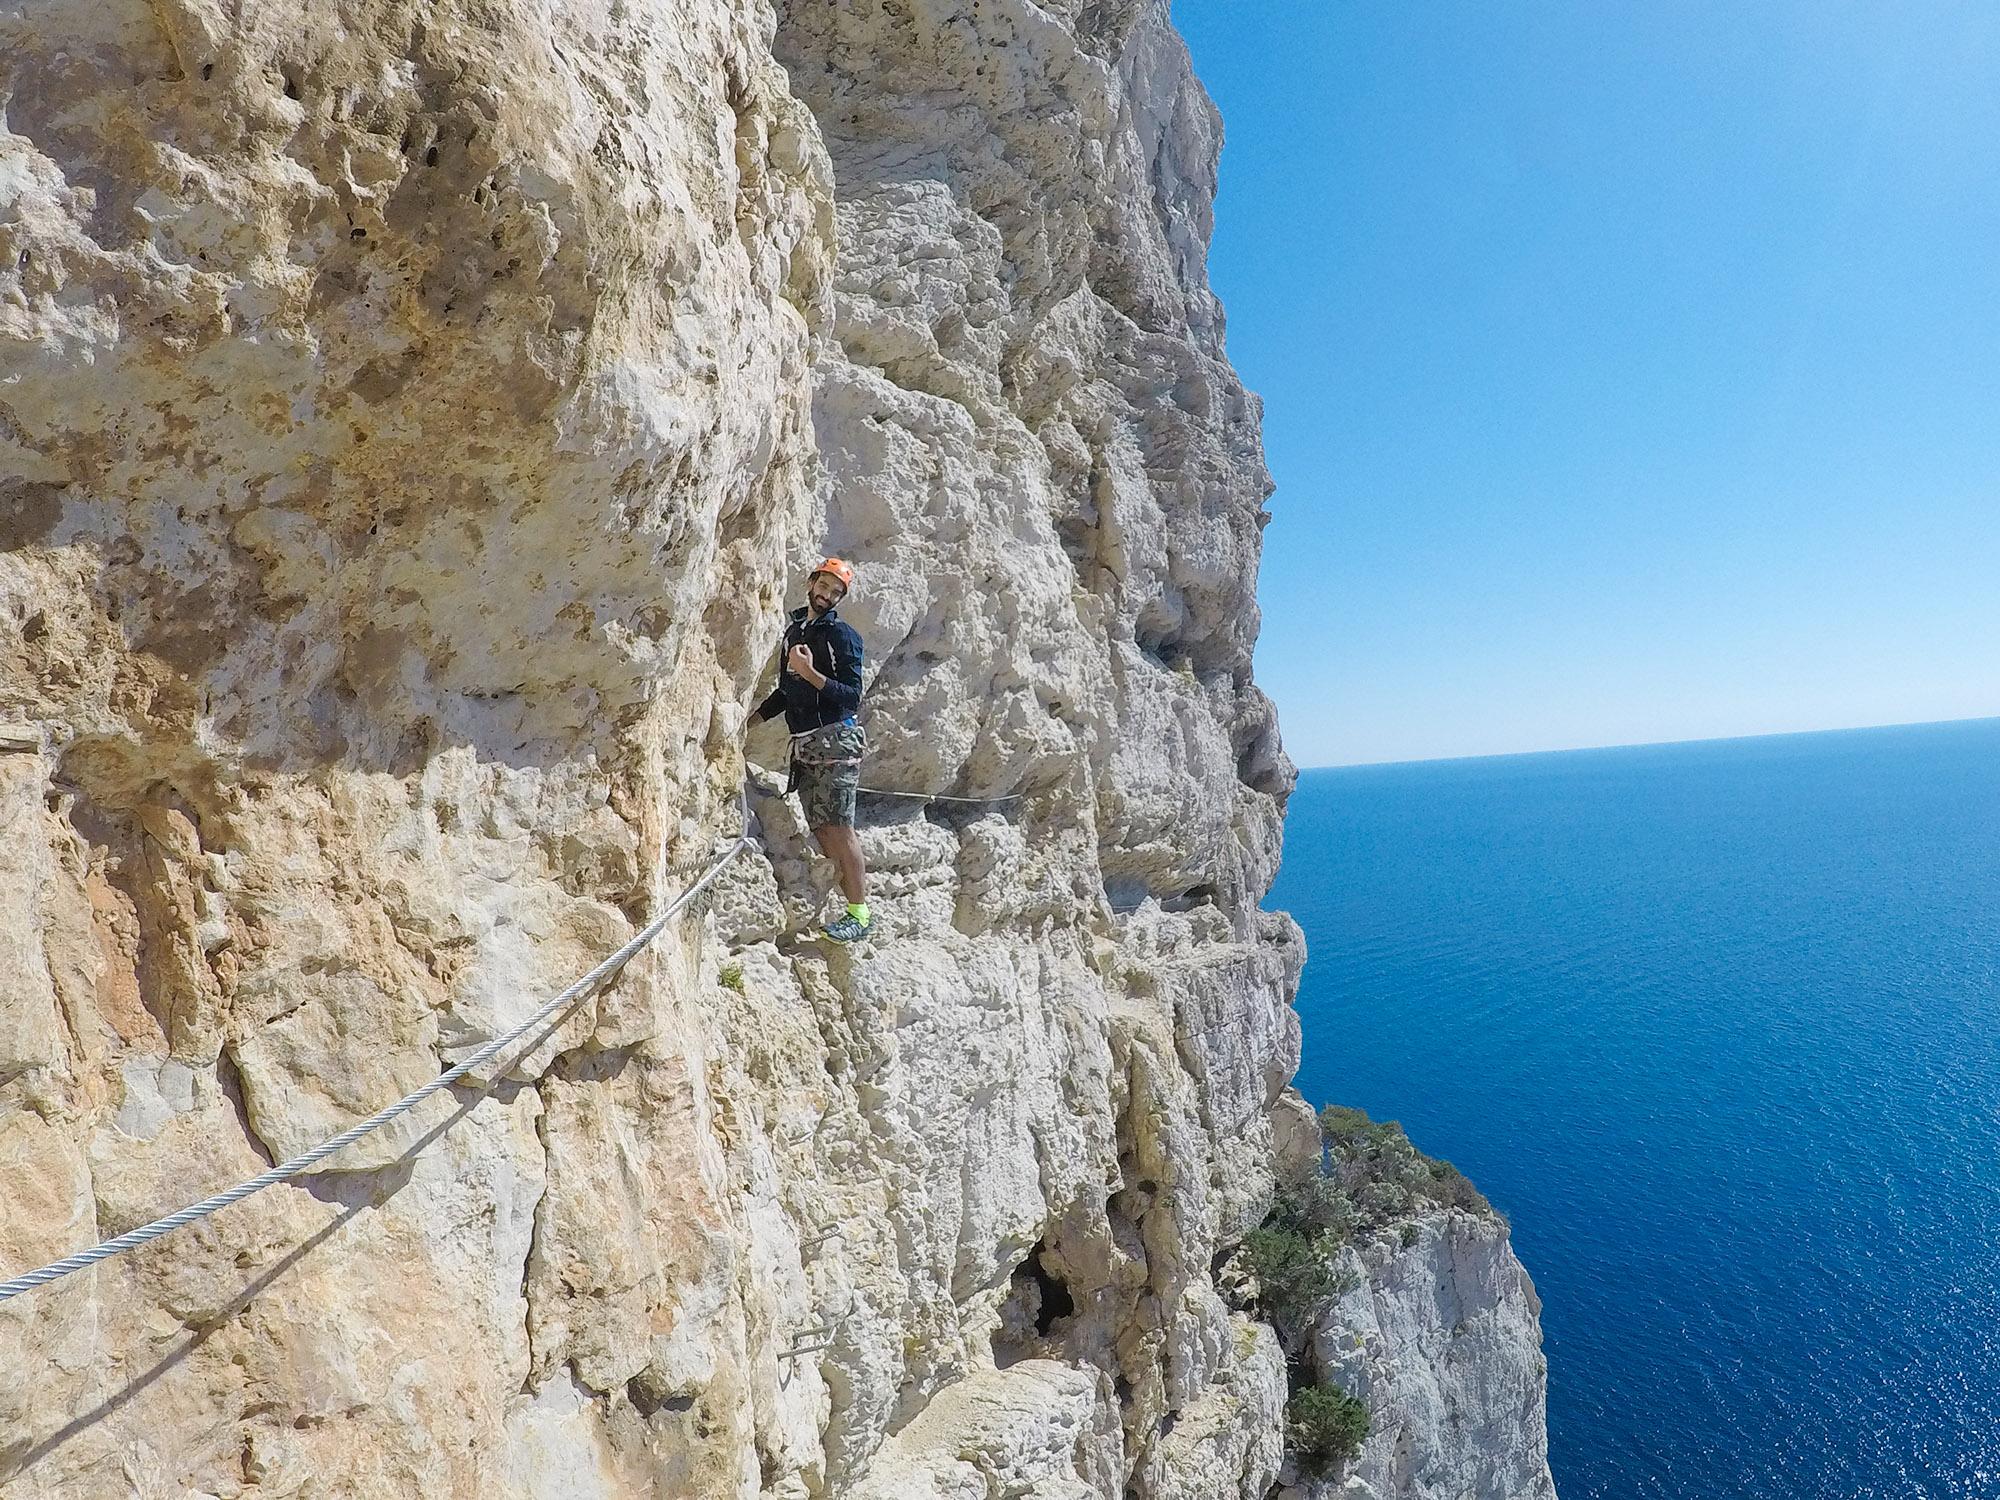 Scalata nella Ferrata di Cabirol in Sardegna